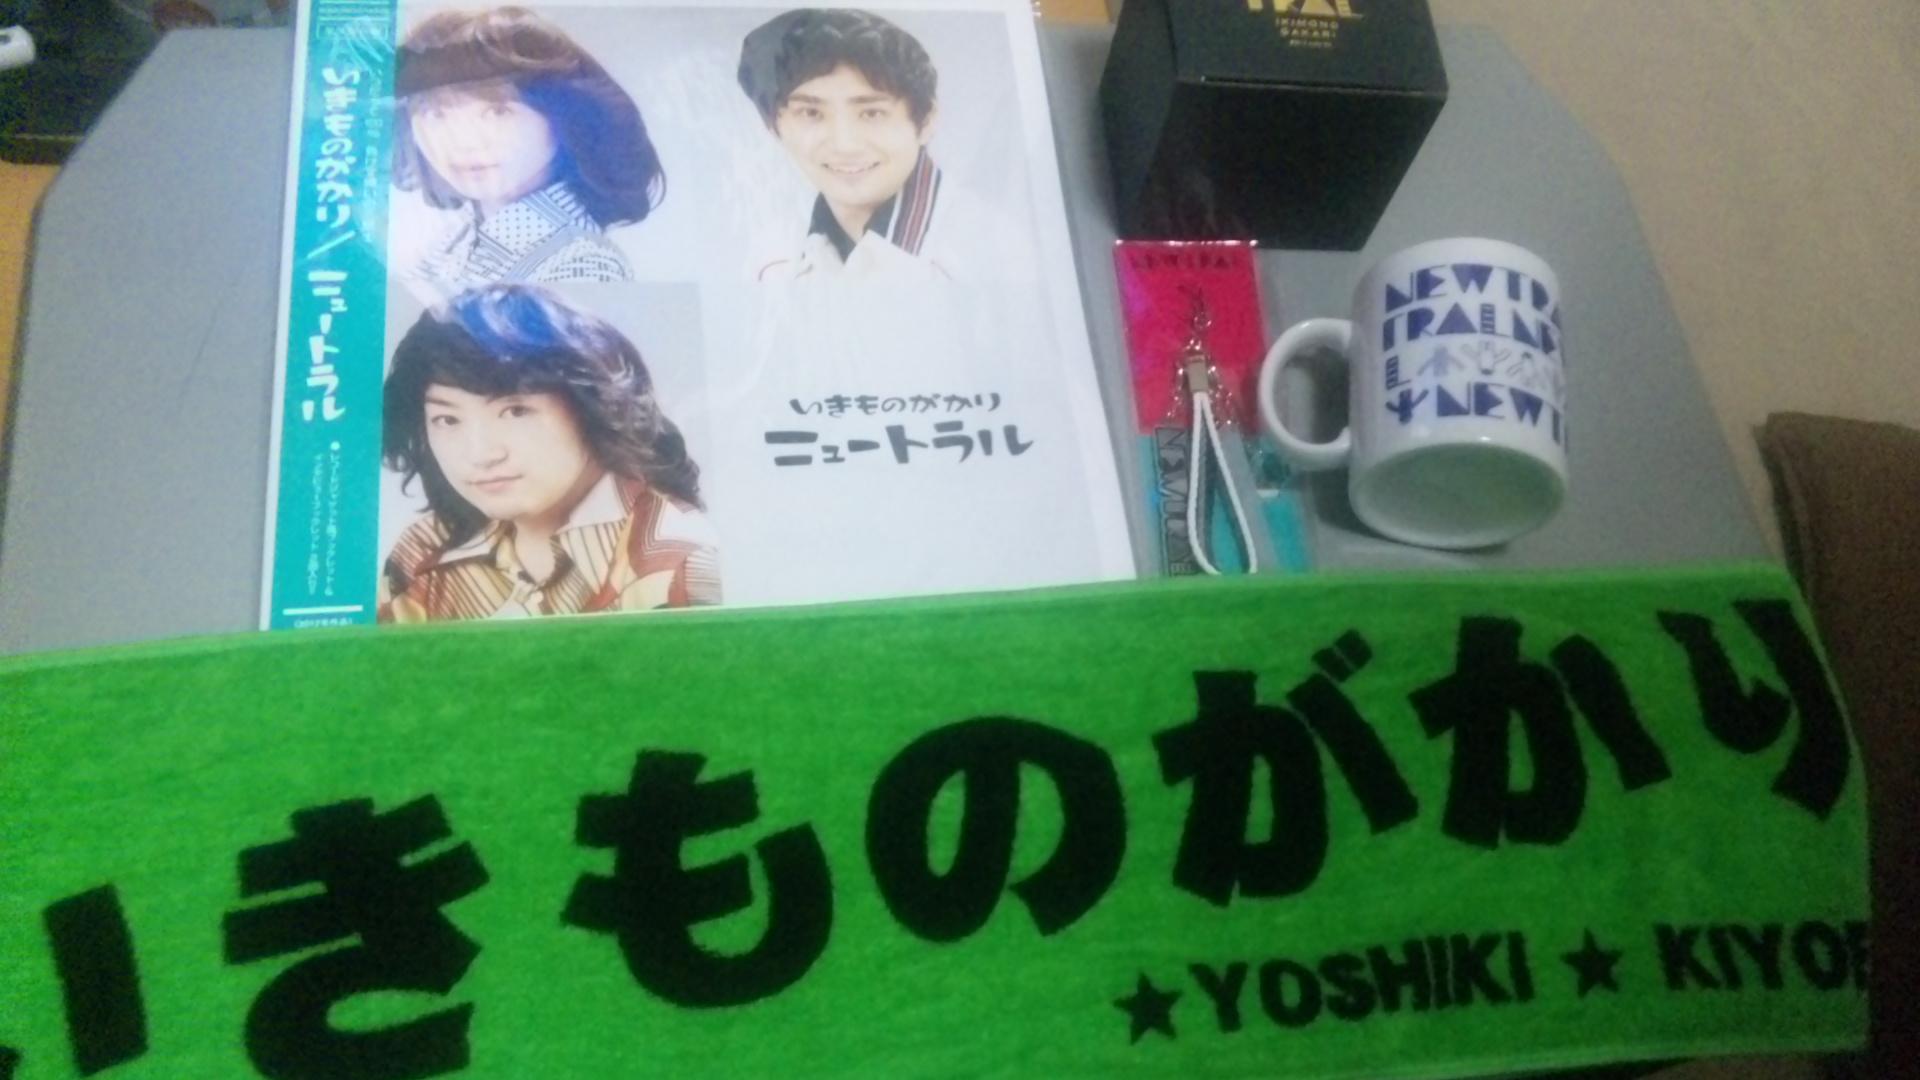 いきもの鹿児島ライブ2012グッズ